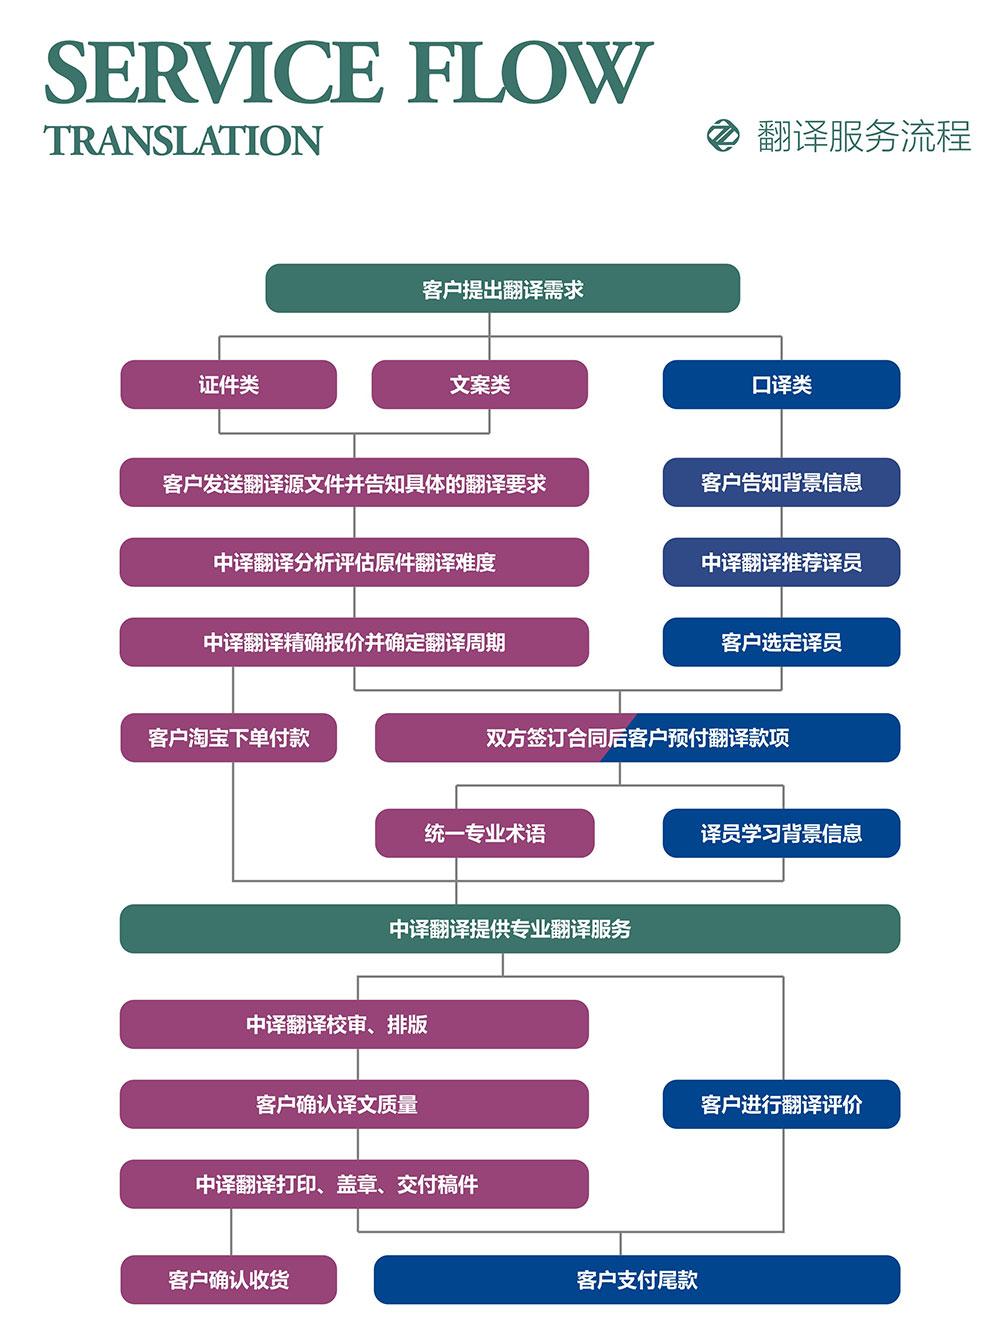 证件翻译流程,文件翻译流程,口译翻译流程.jpg